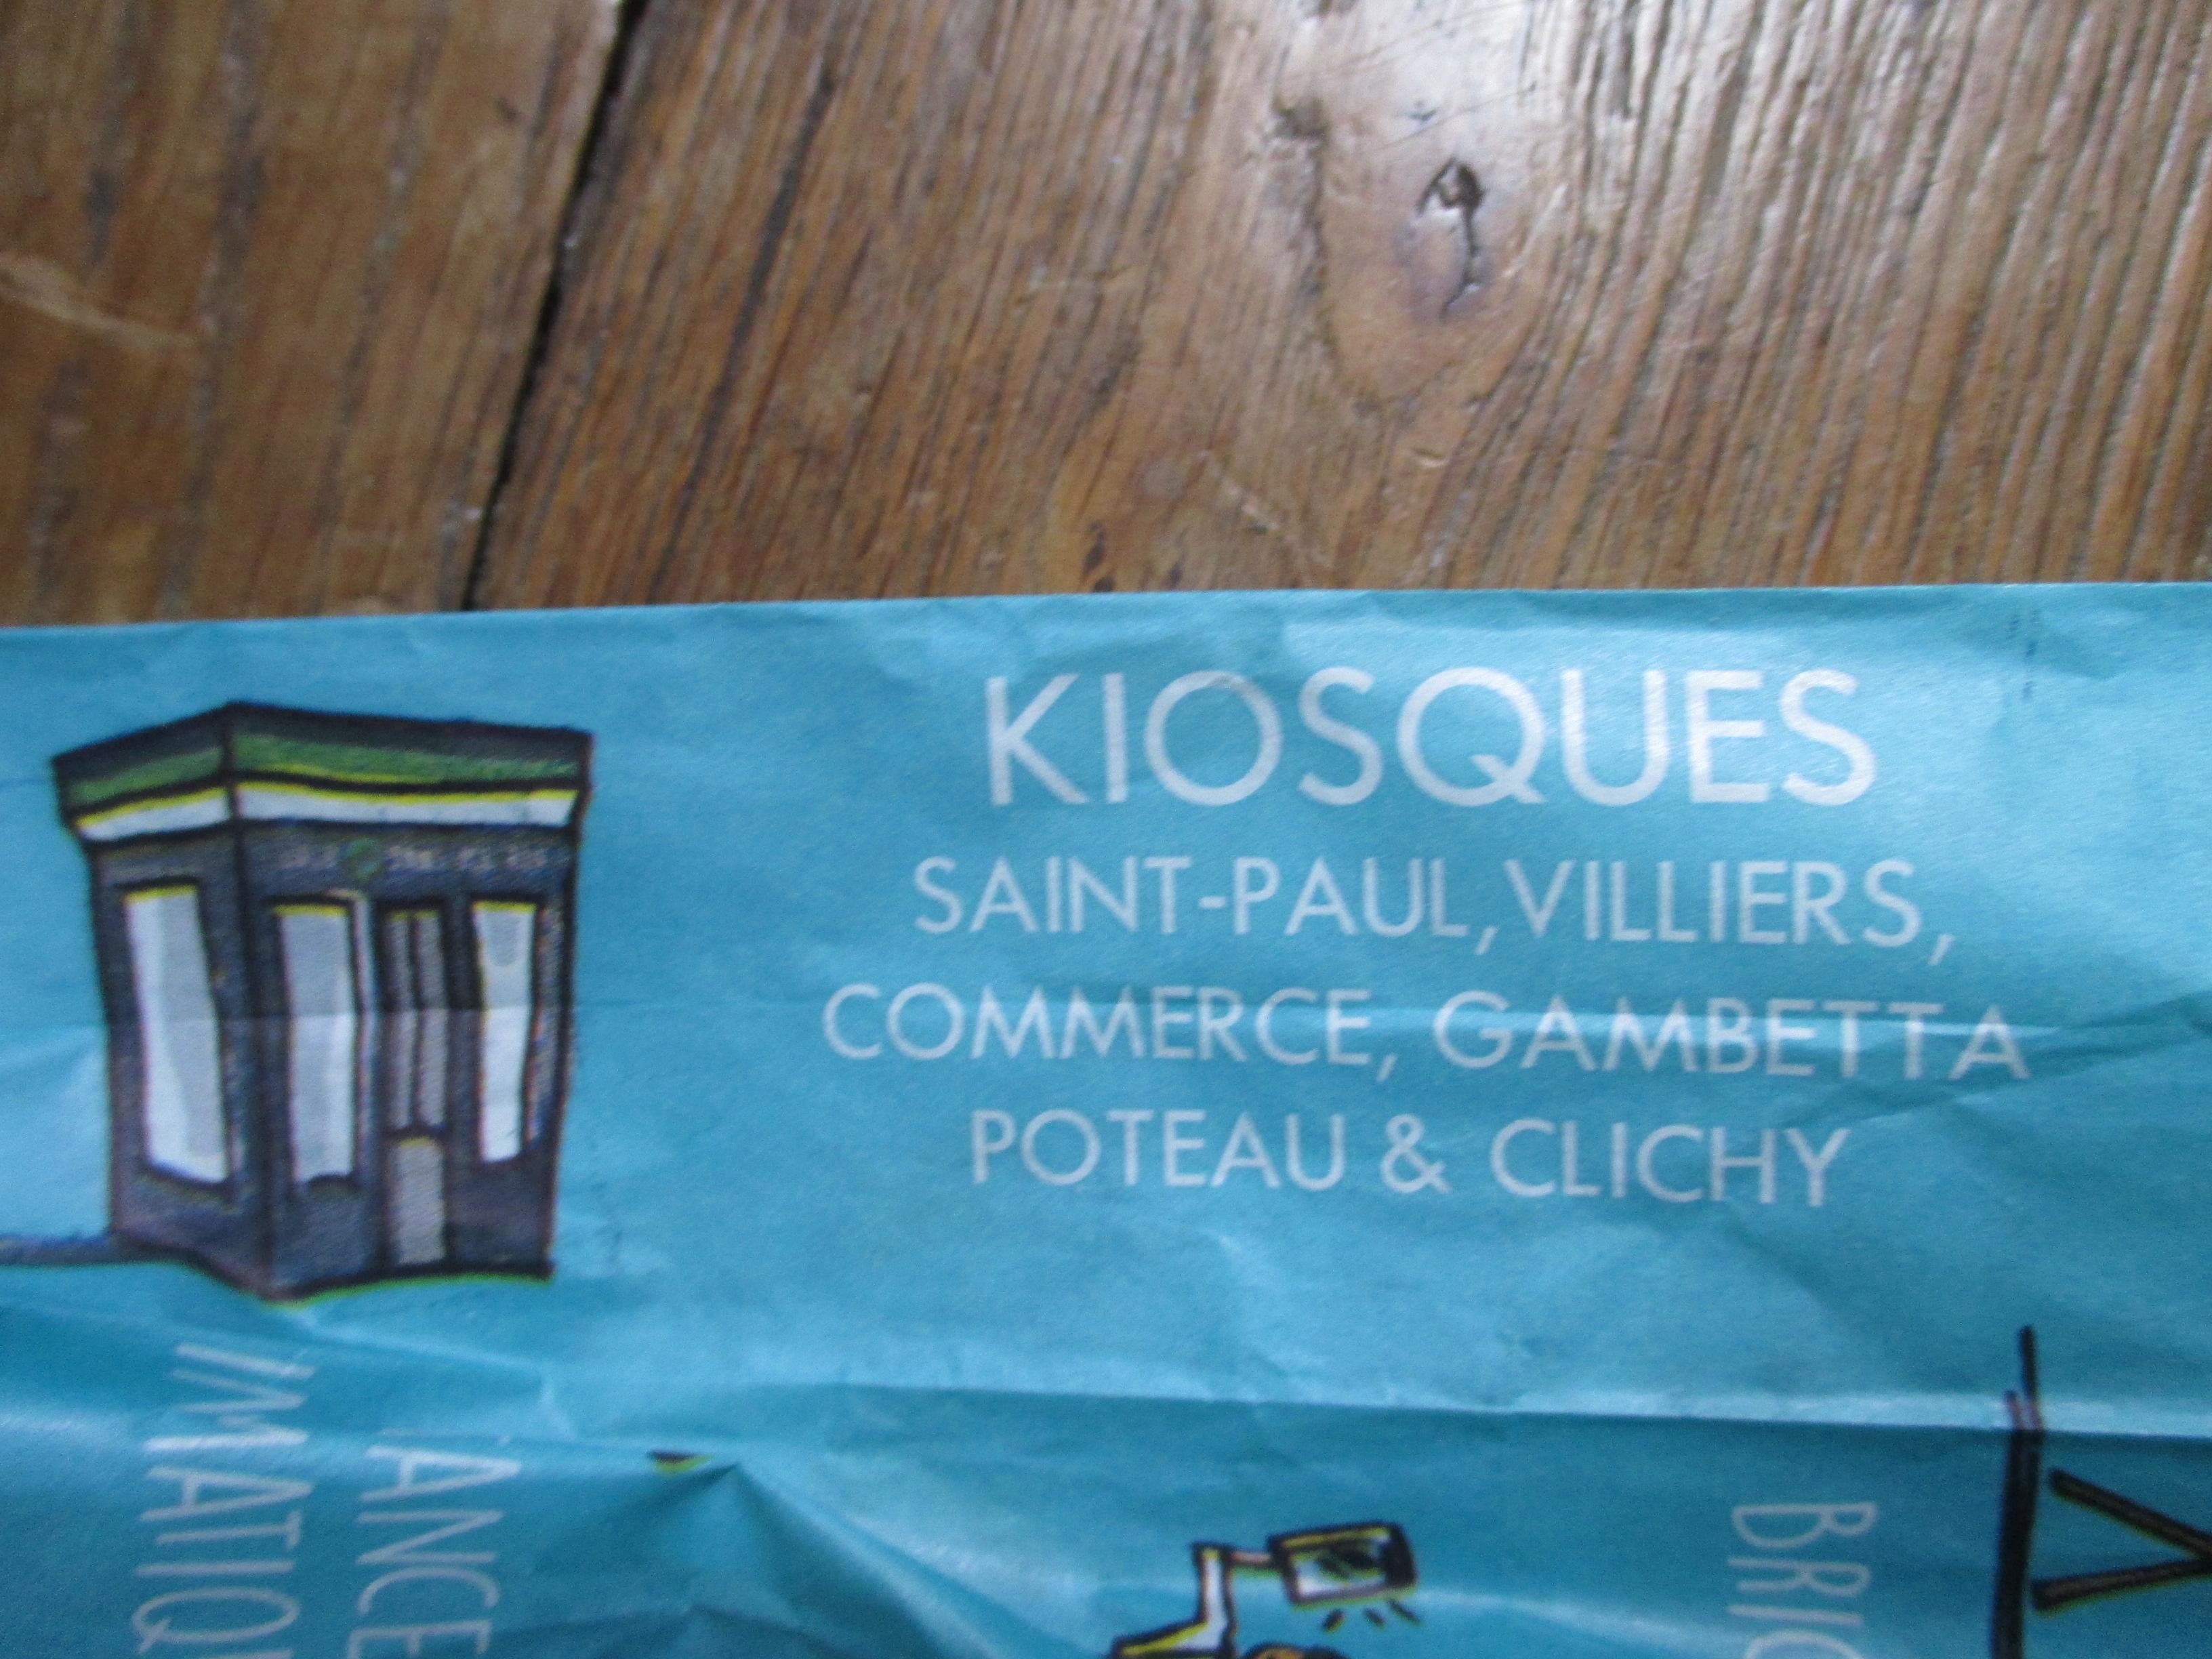 troc de troc code promo 10 euros conciergerie lulu image 1